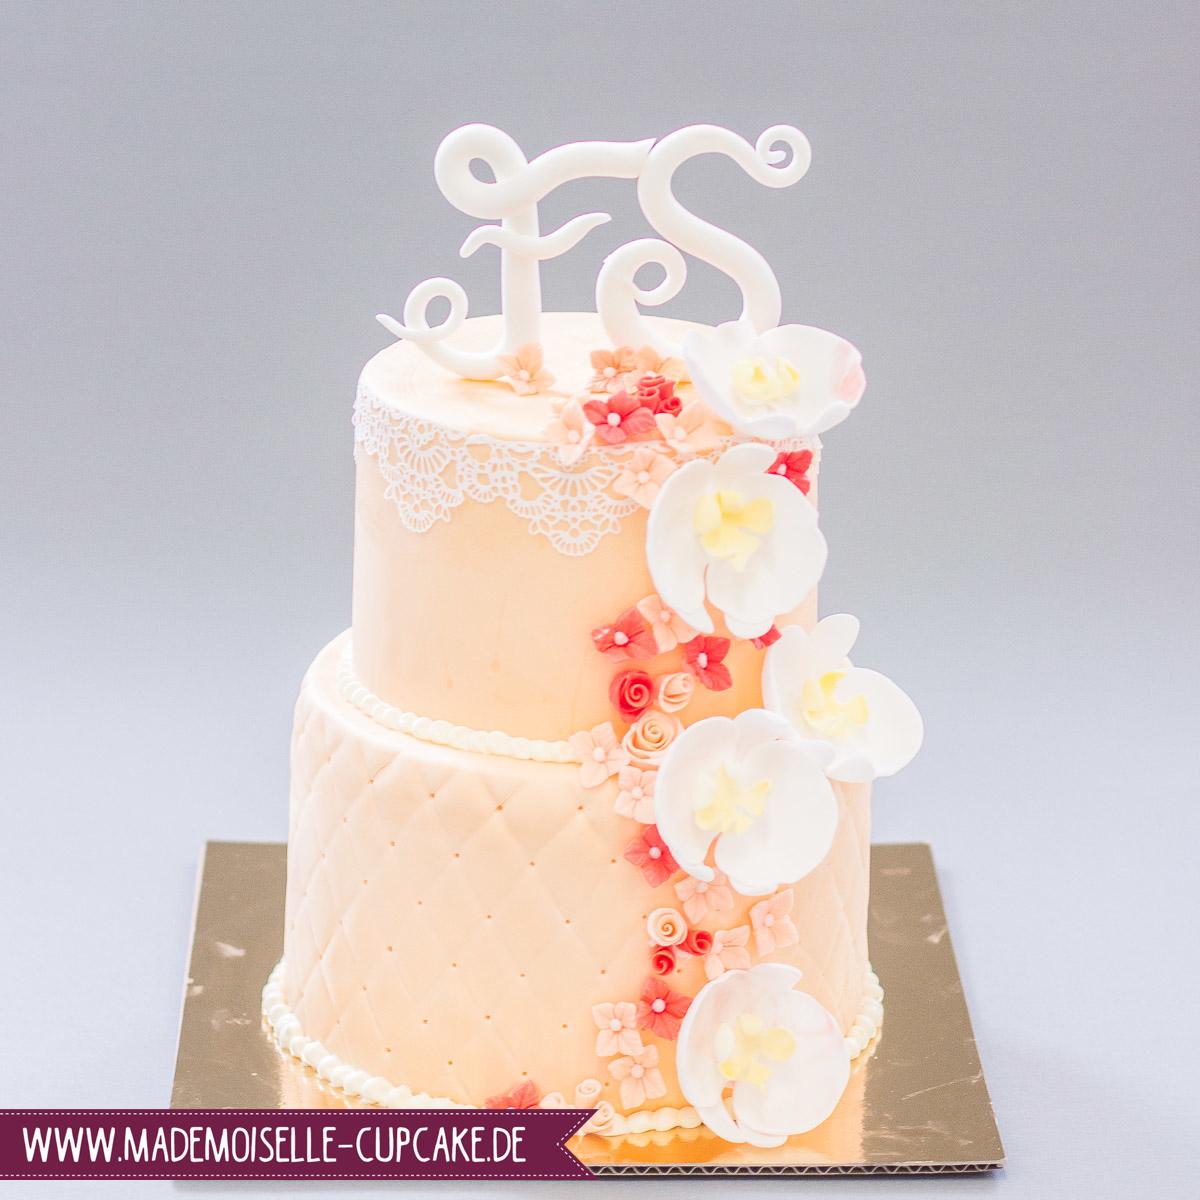 Mademoiselle Cupcake Feine Tortchen Und Cupcakes Aus Magdeburg